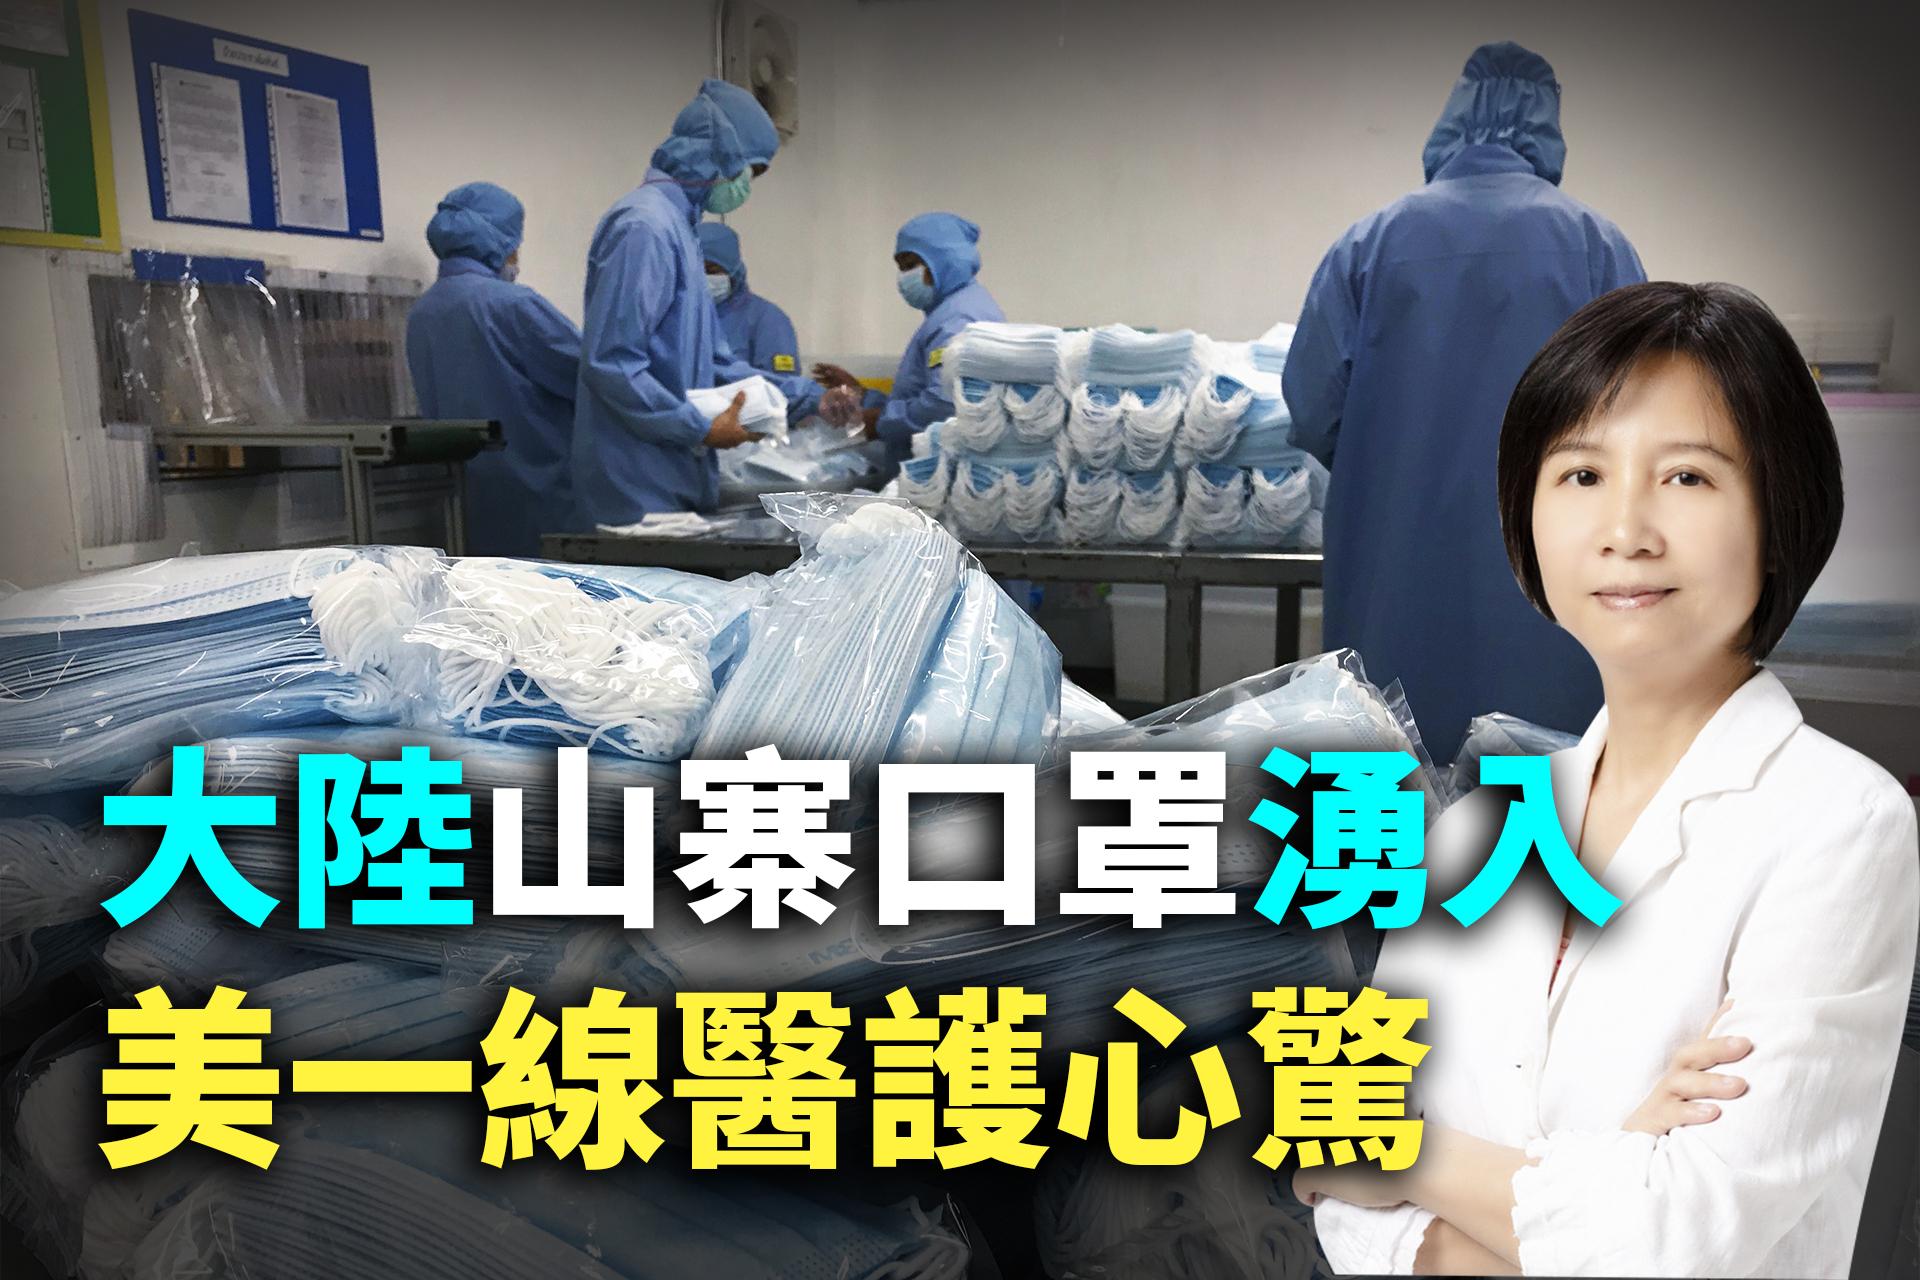 美國食品藥品管理局(FDA)打開了進口中國口罩的閘門。美國花費幾百萬美元買來的「救命口罩」真假混雜。(大紀元合成)